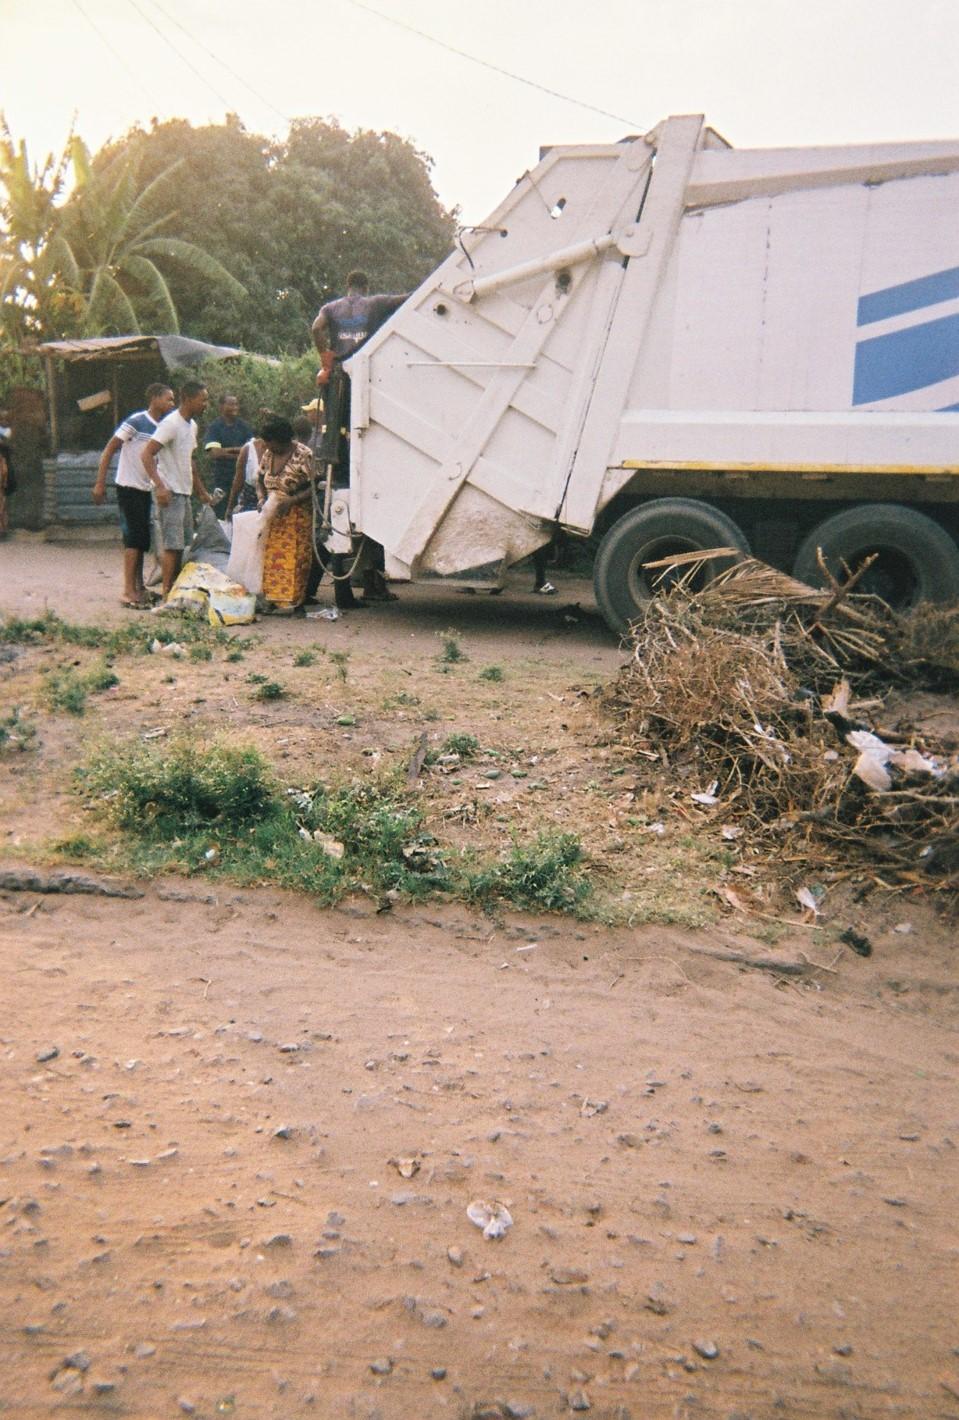 Leute säubern ihre Umgebung und schmeißen den Müll anderer Menschen in den Müllwagen. Das bedeutet: Sicherheit.